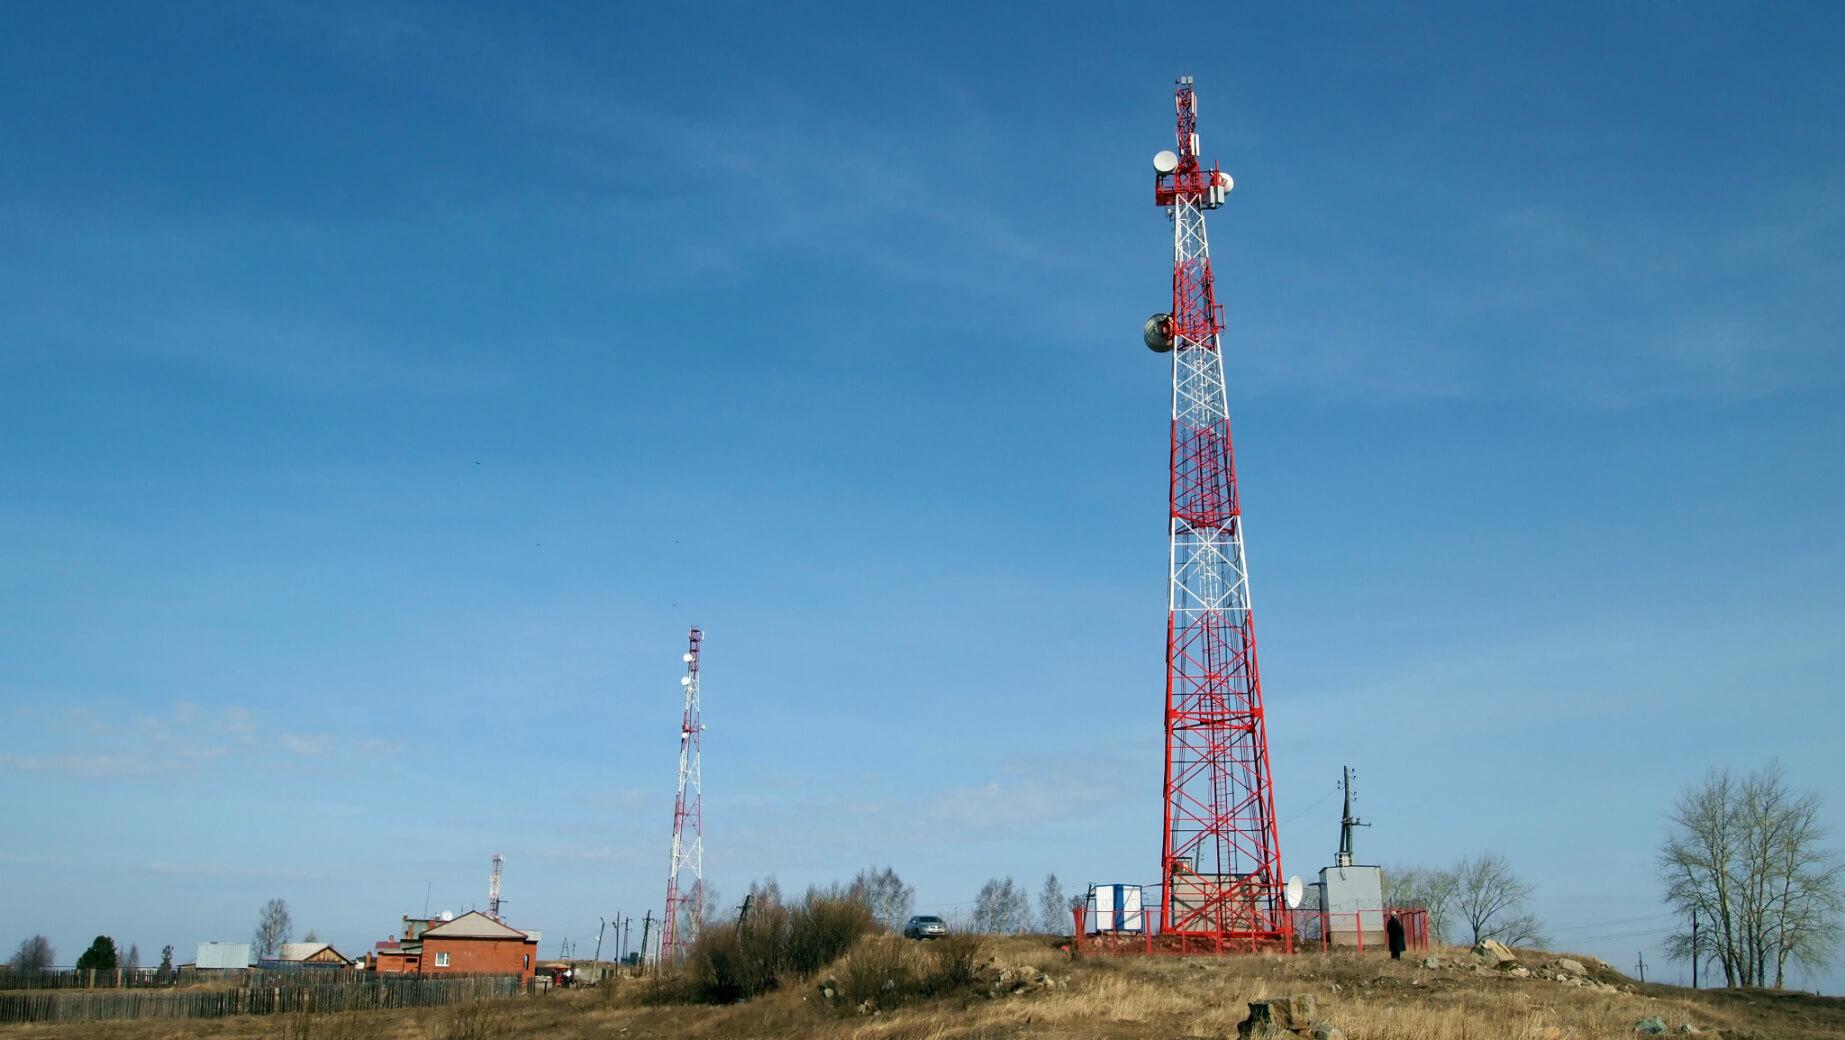 vyshki sotovoj svjazi proizvodstvo 6 Вышки (сотовой связи в том числе)